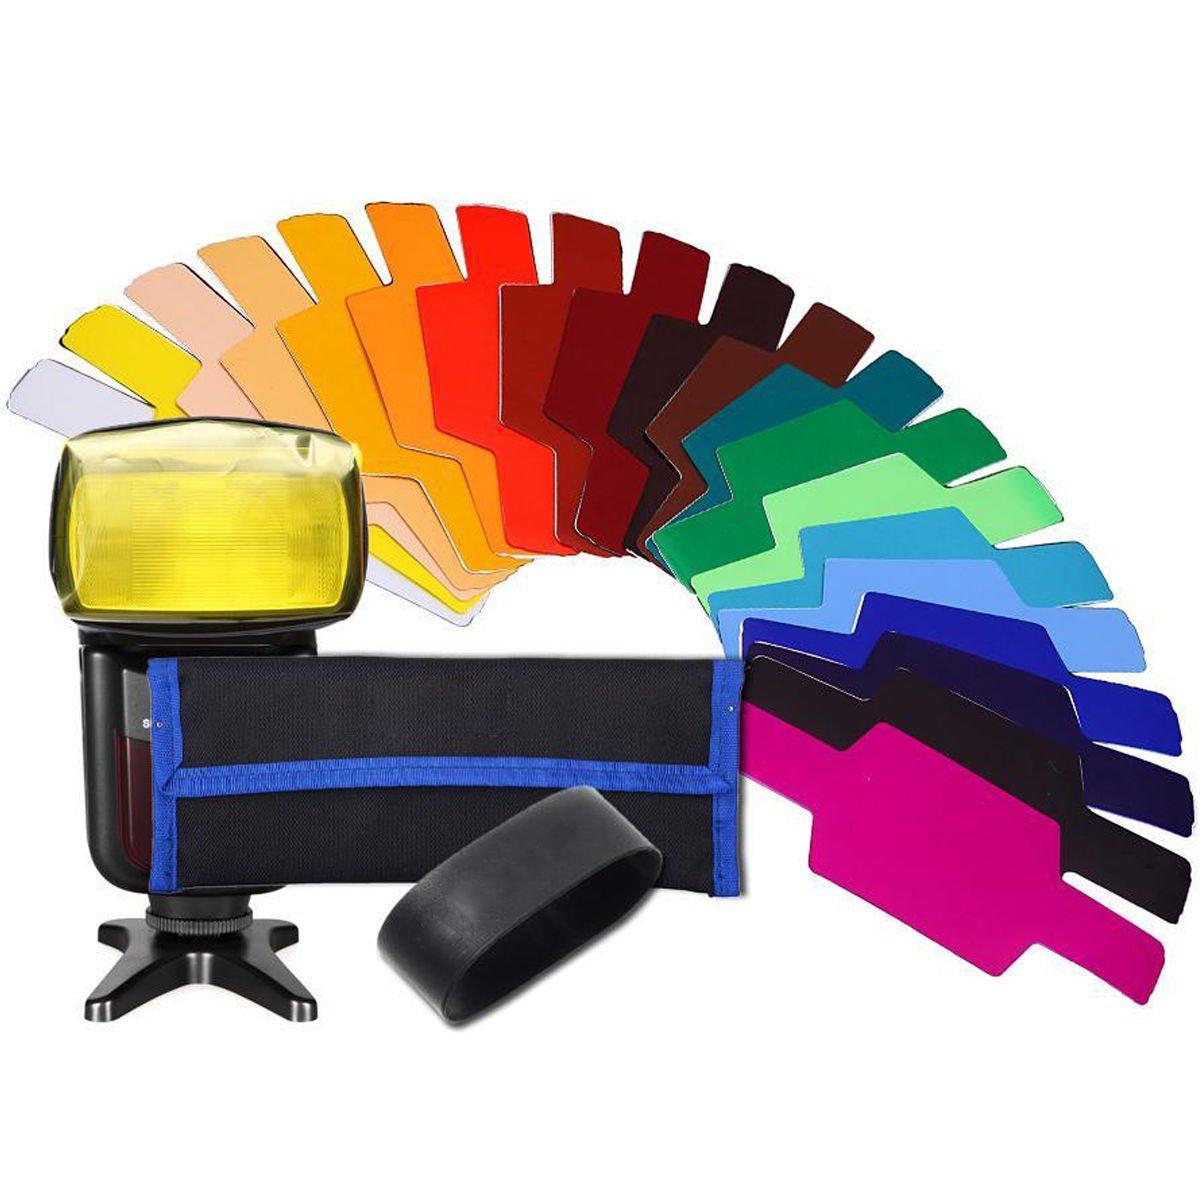 cheap lee lighting gels find lee lighting gels deals on line at